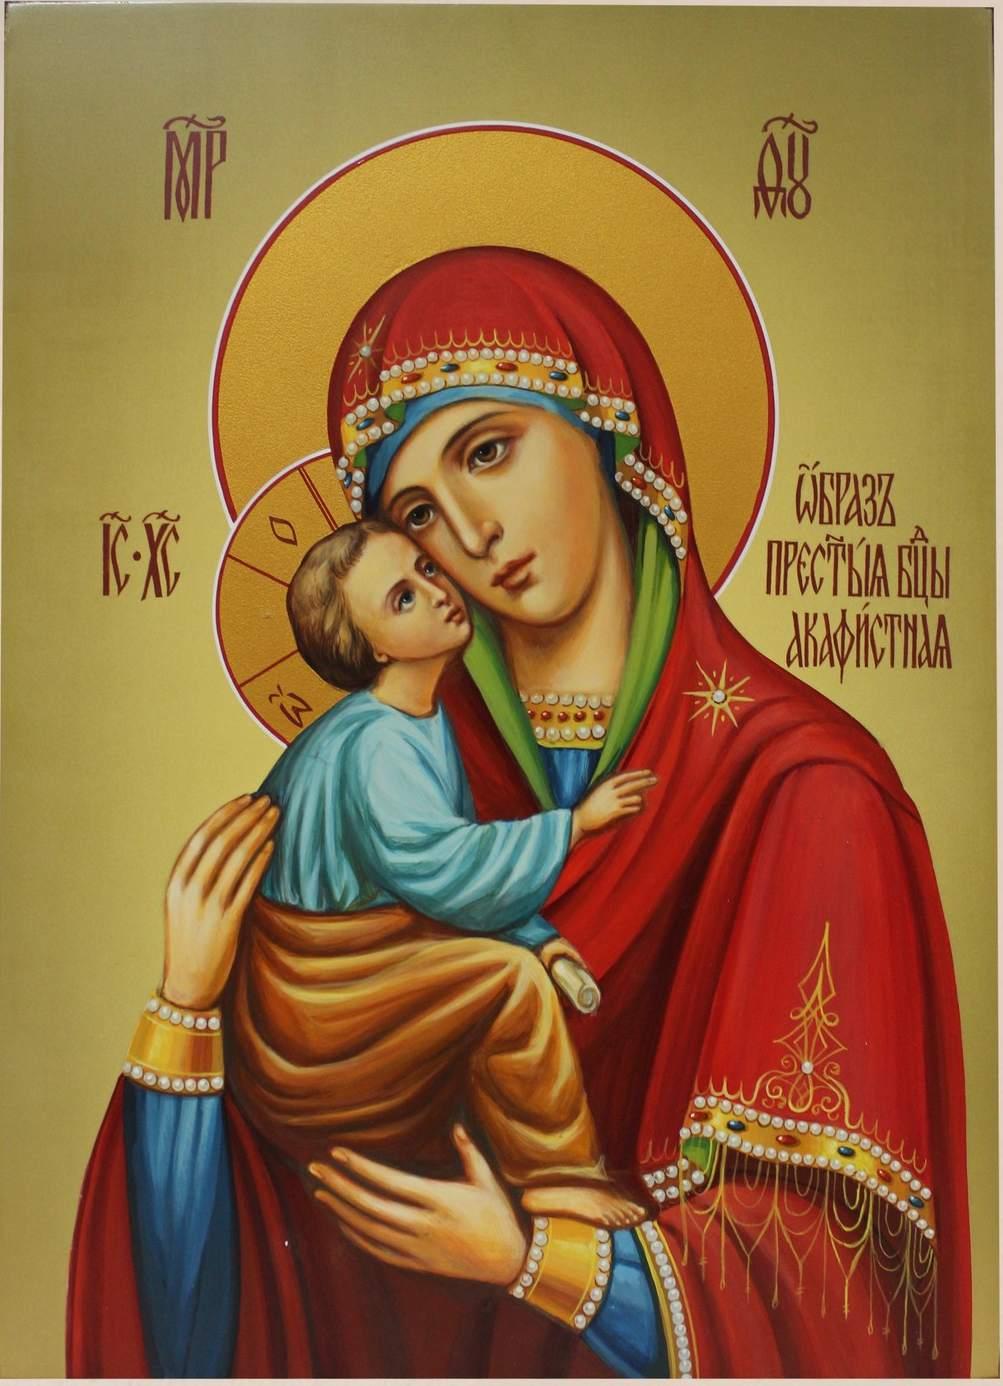 Икона Божьей Матери и молитвы ей